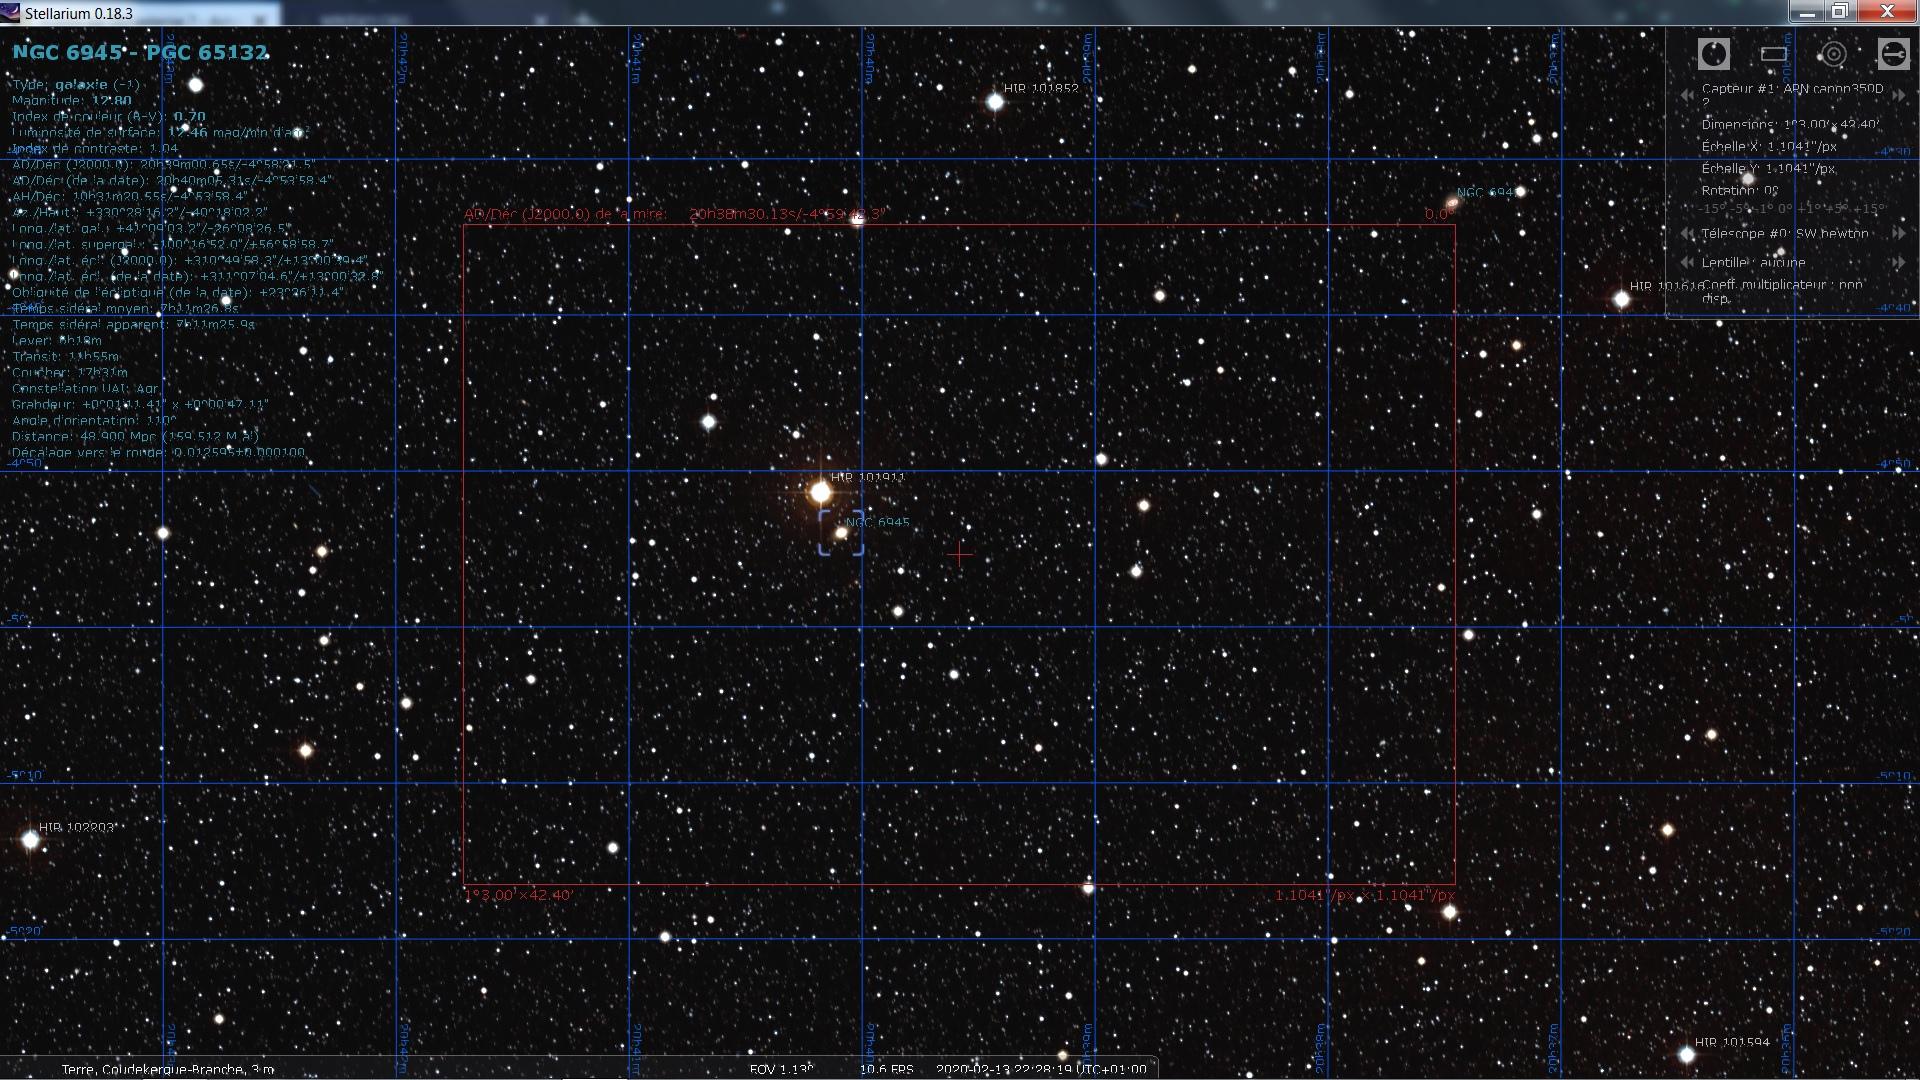 stell6945.jpg.7c02641a33db453b1a8a195d32b75d38.jpg